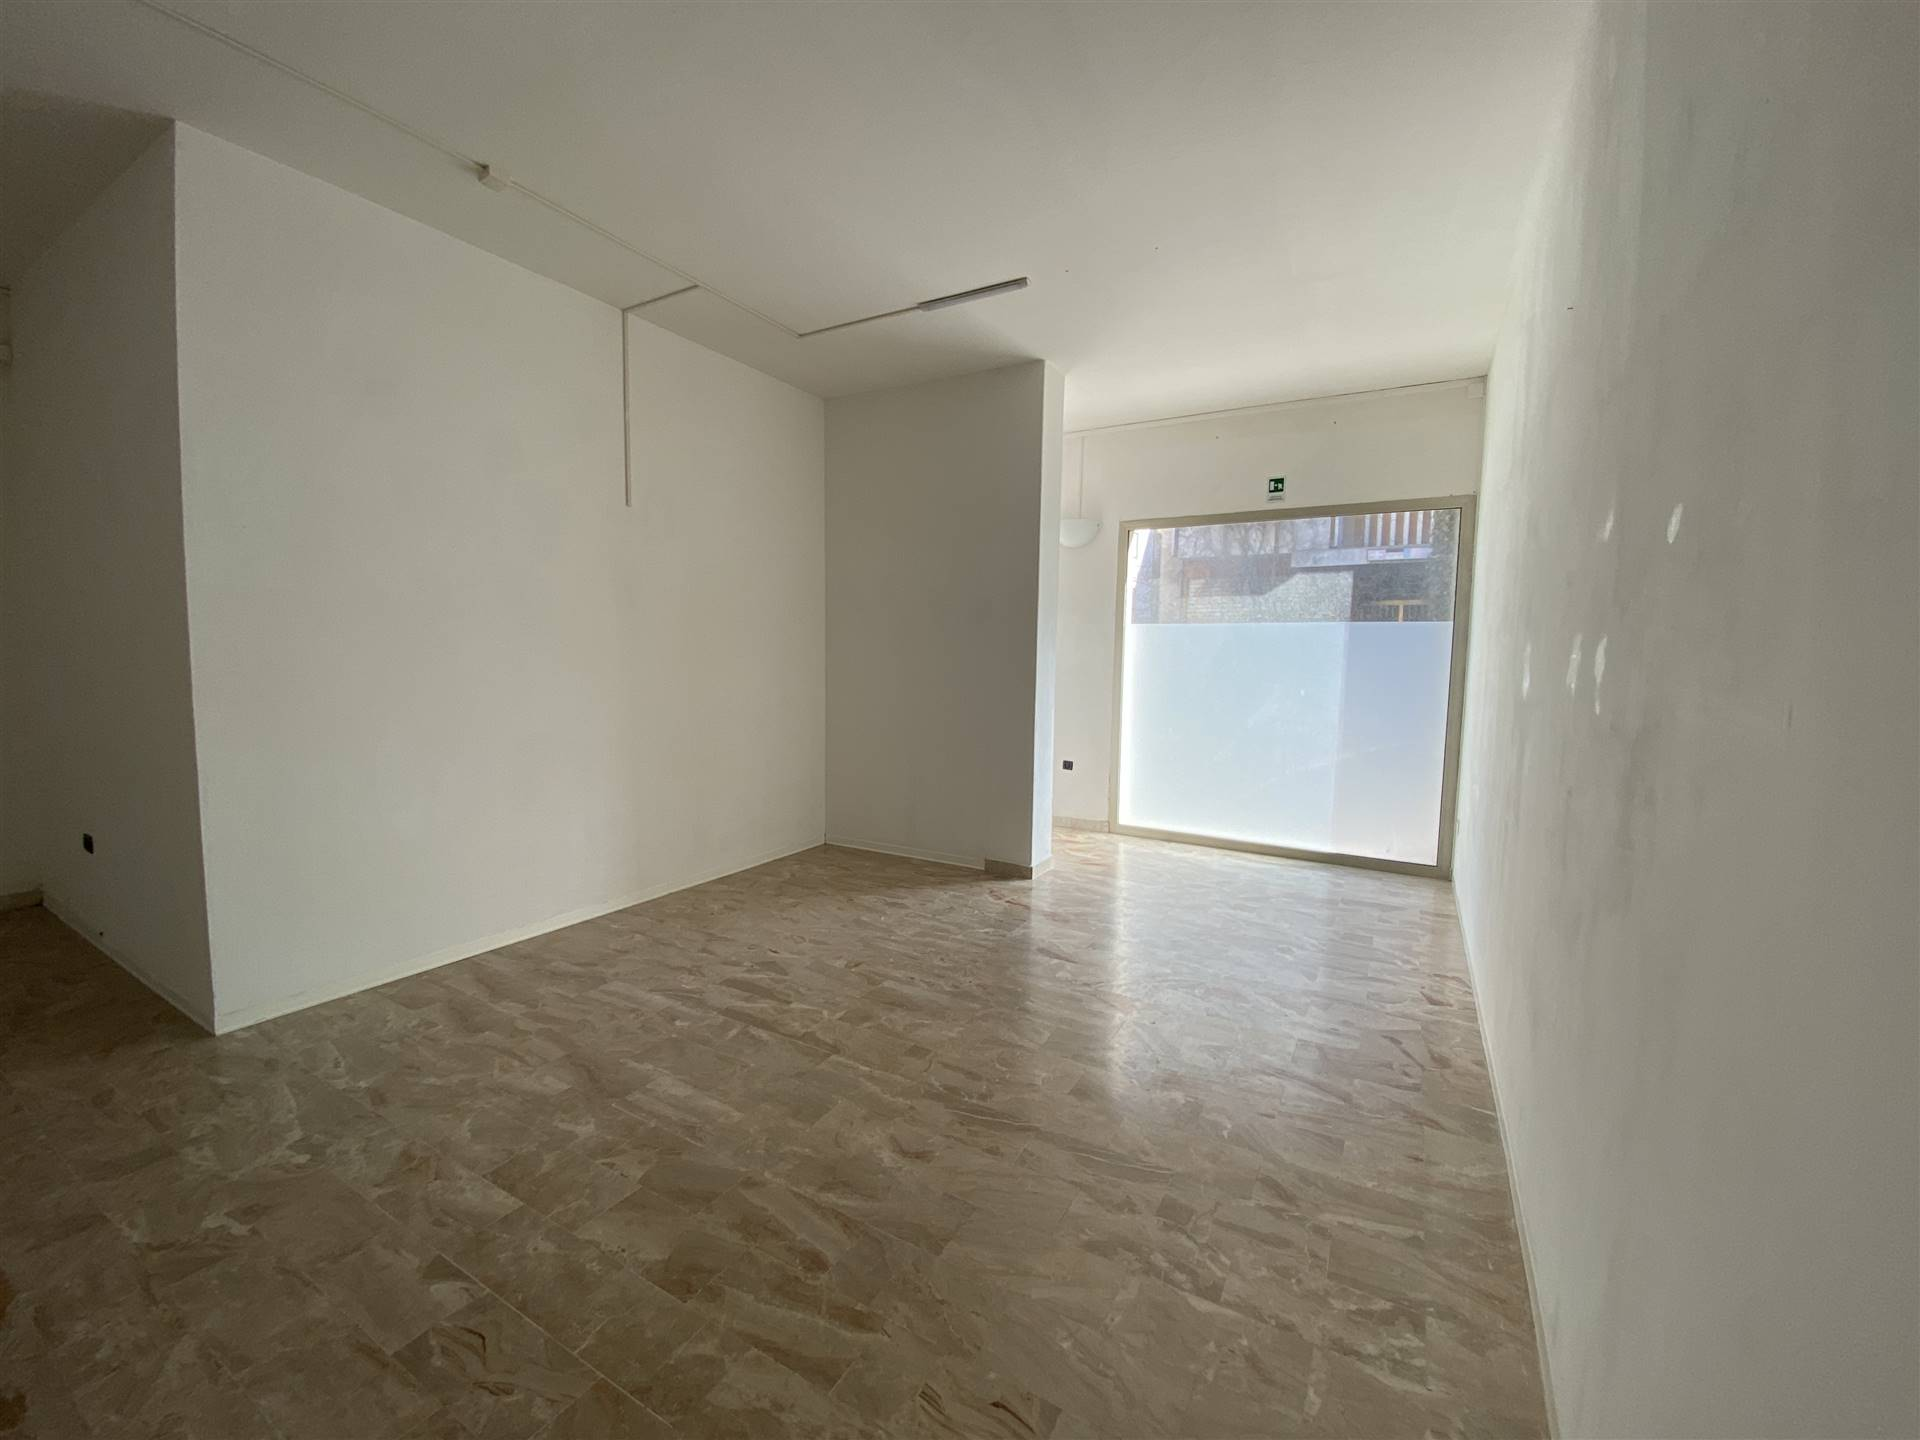 Rif. B274 SOTTOMARINA, VIA AMERIGO VESPUCCI: Affittasi negozio di 106 mq al piano terra, con rampa per disabili. Composto da 3 stanze, bagno e